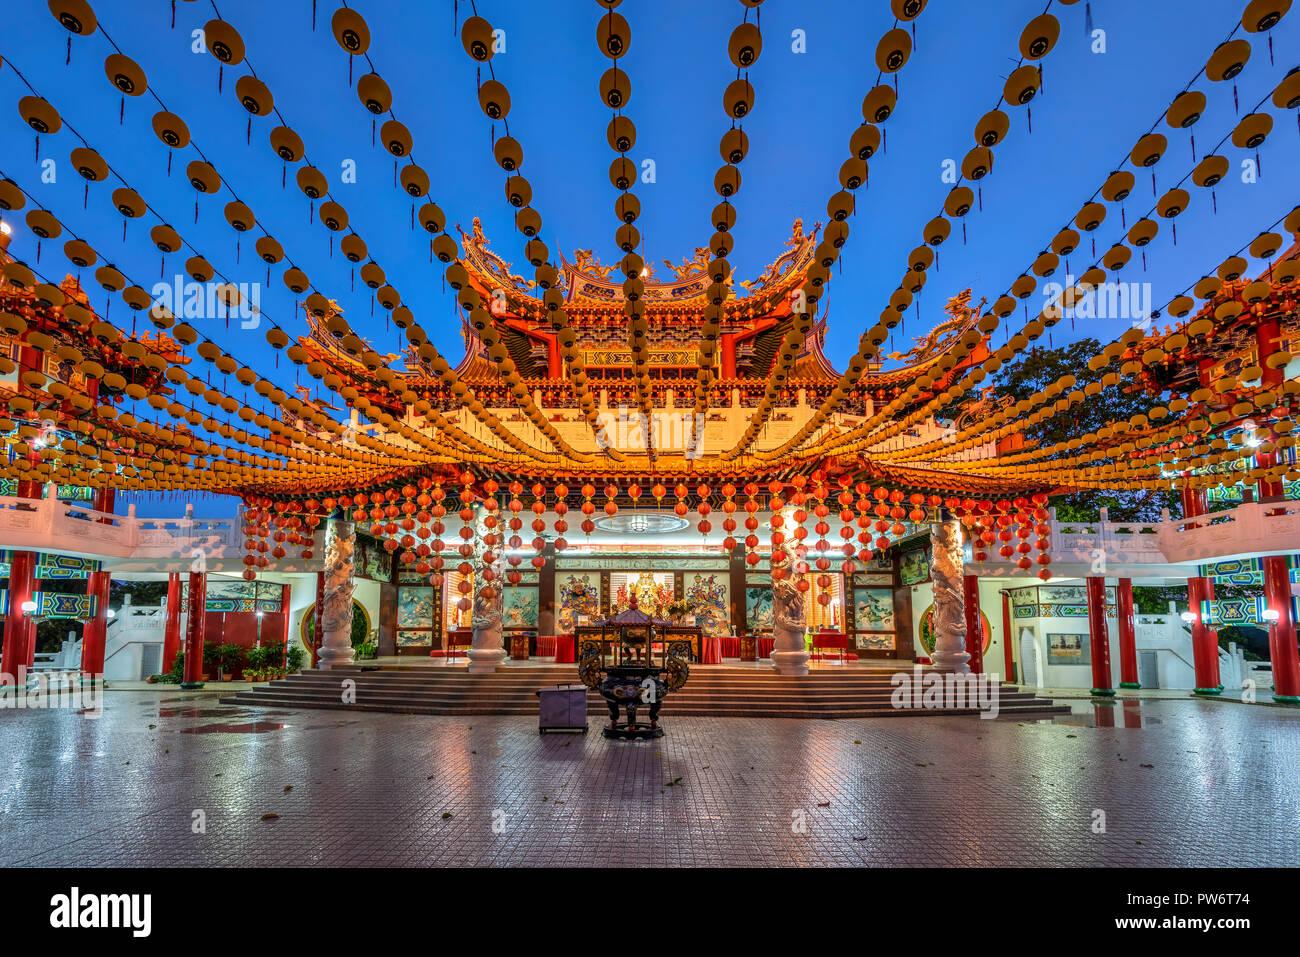 Thean Hou Temple, Kuala Lumpur, Malaysia - Stock Image